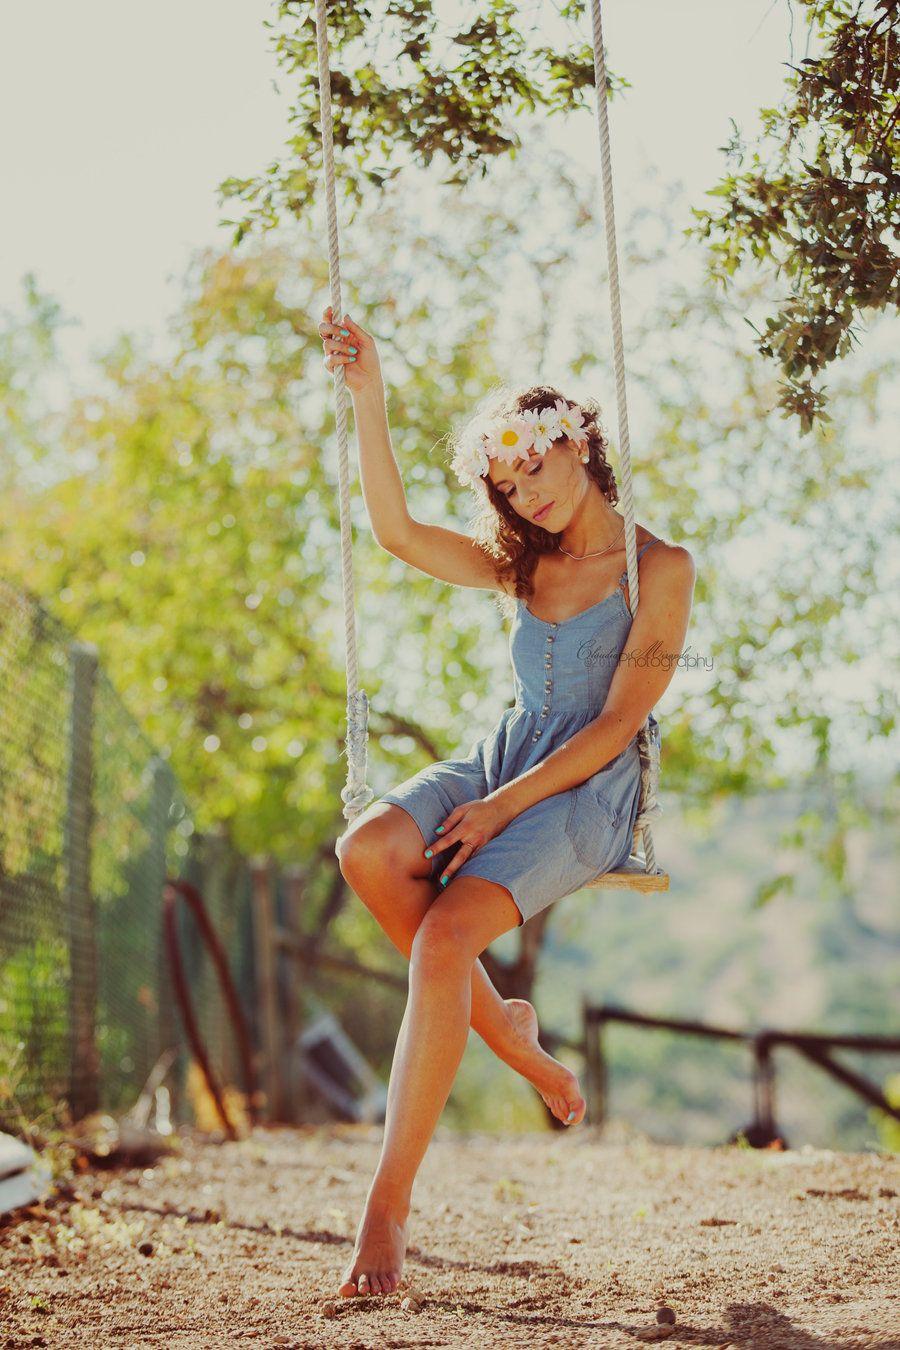 Balance by ClaudiaFMiranda.deviantart.com on @deviantART